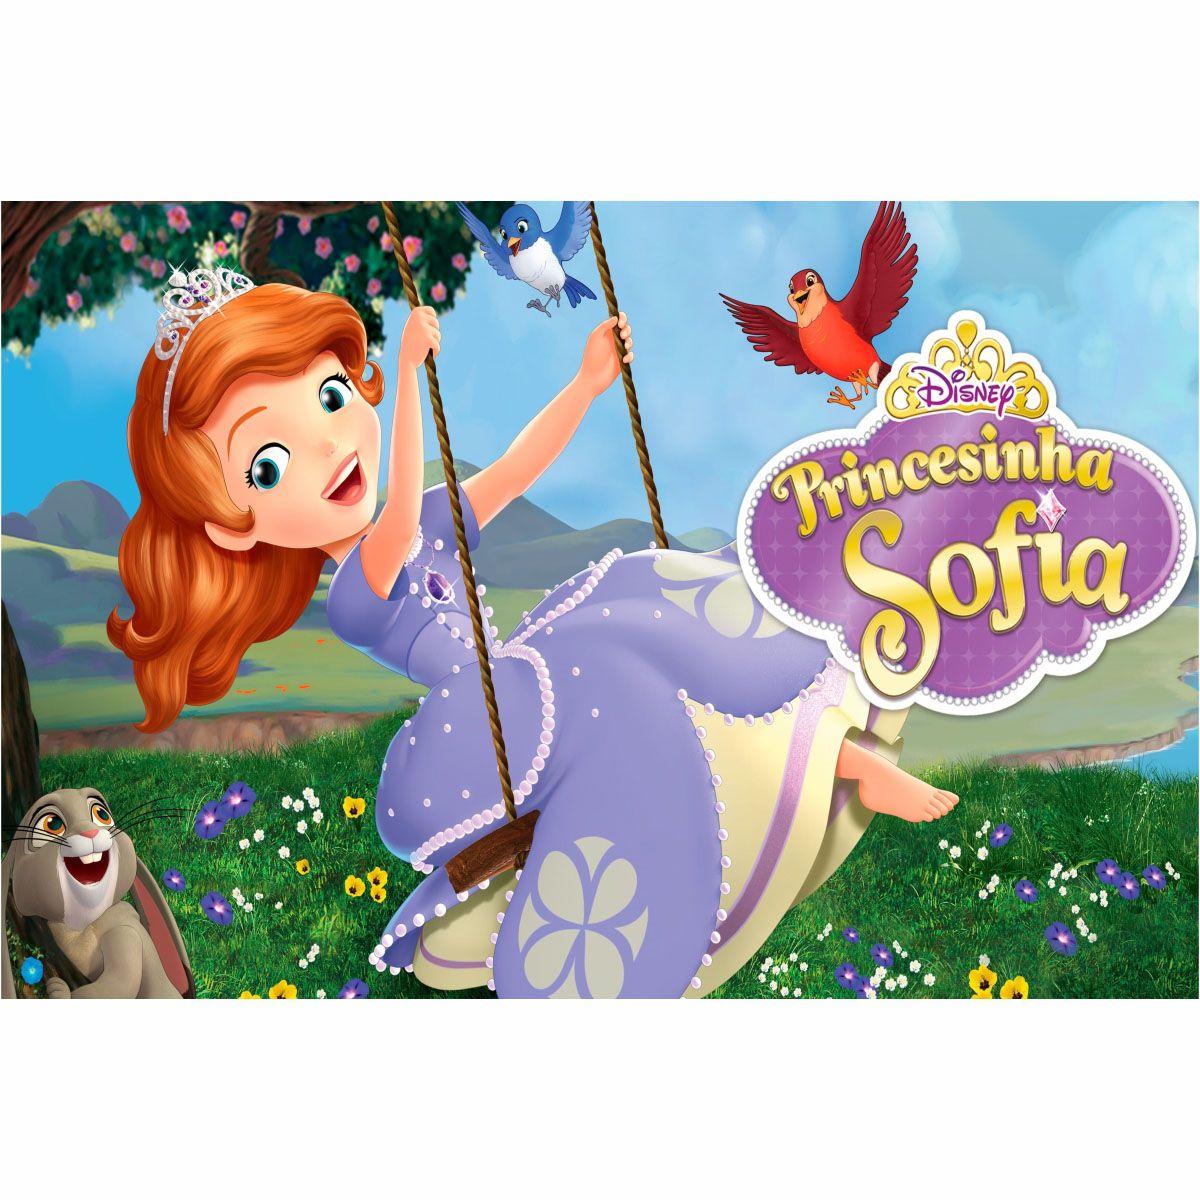 Painel de Festa Lona Princesinha Sophia